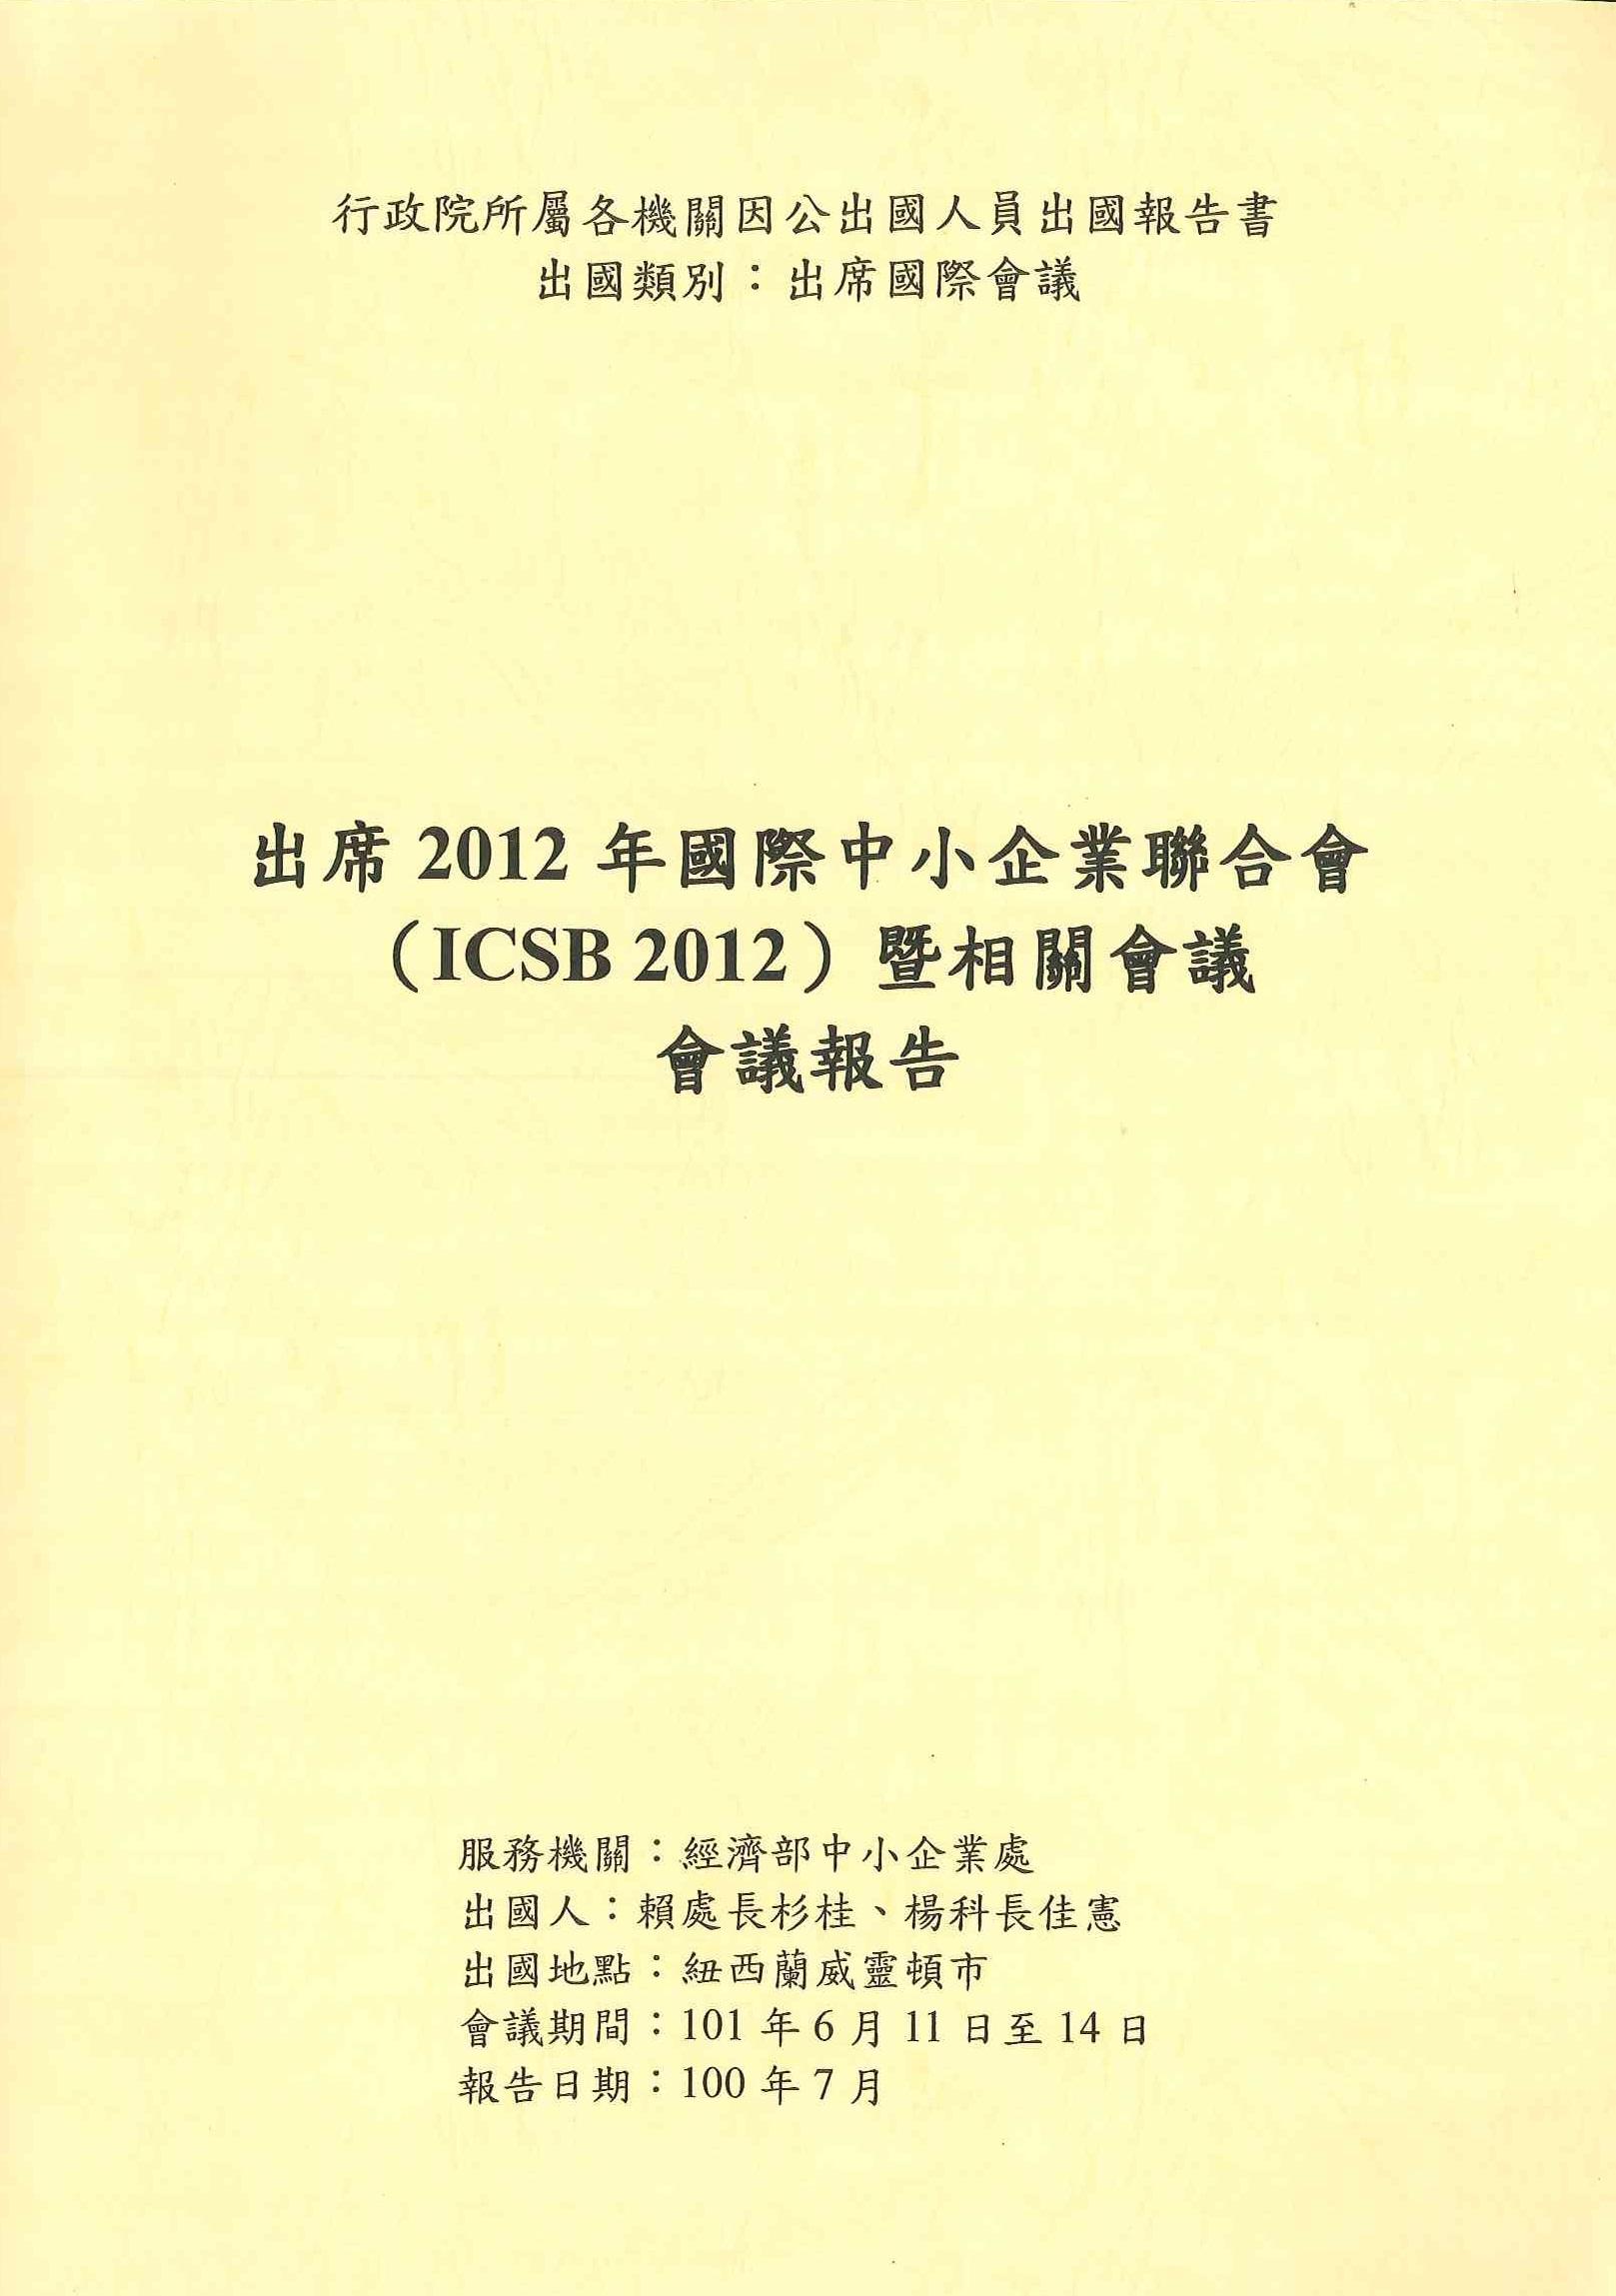 出席2012年國際中小企業聯合會(ICSB2012)暨相關會議會議報告=International Council for Small Business